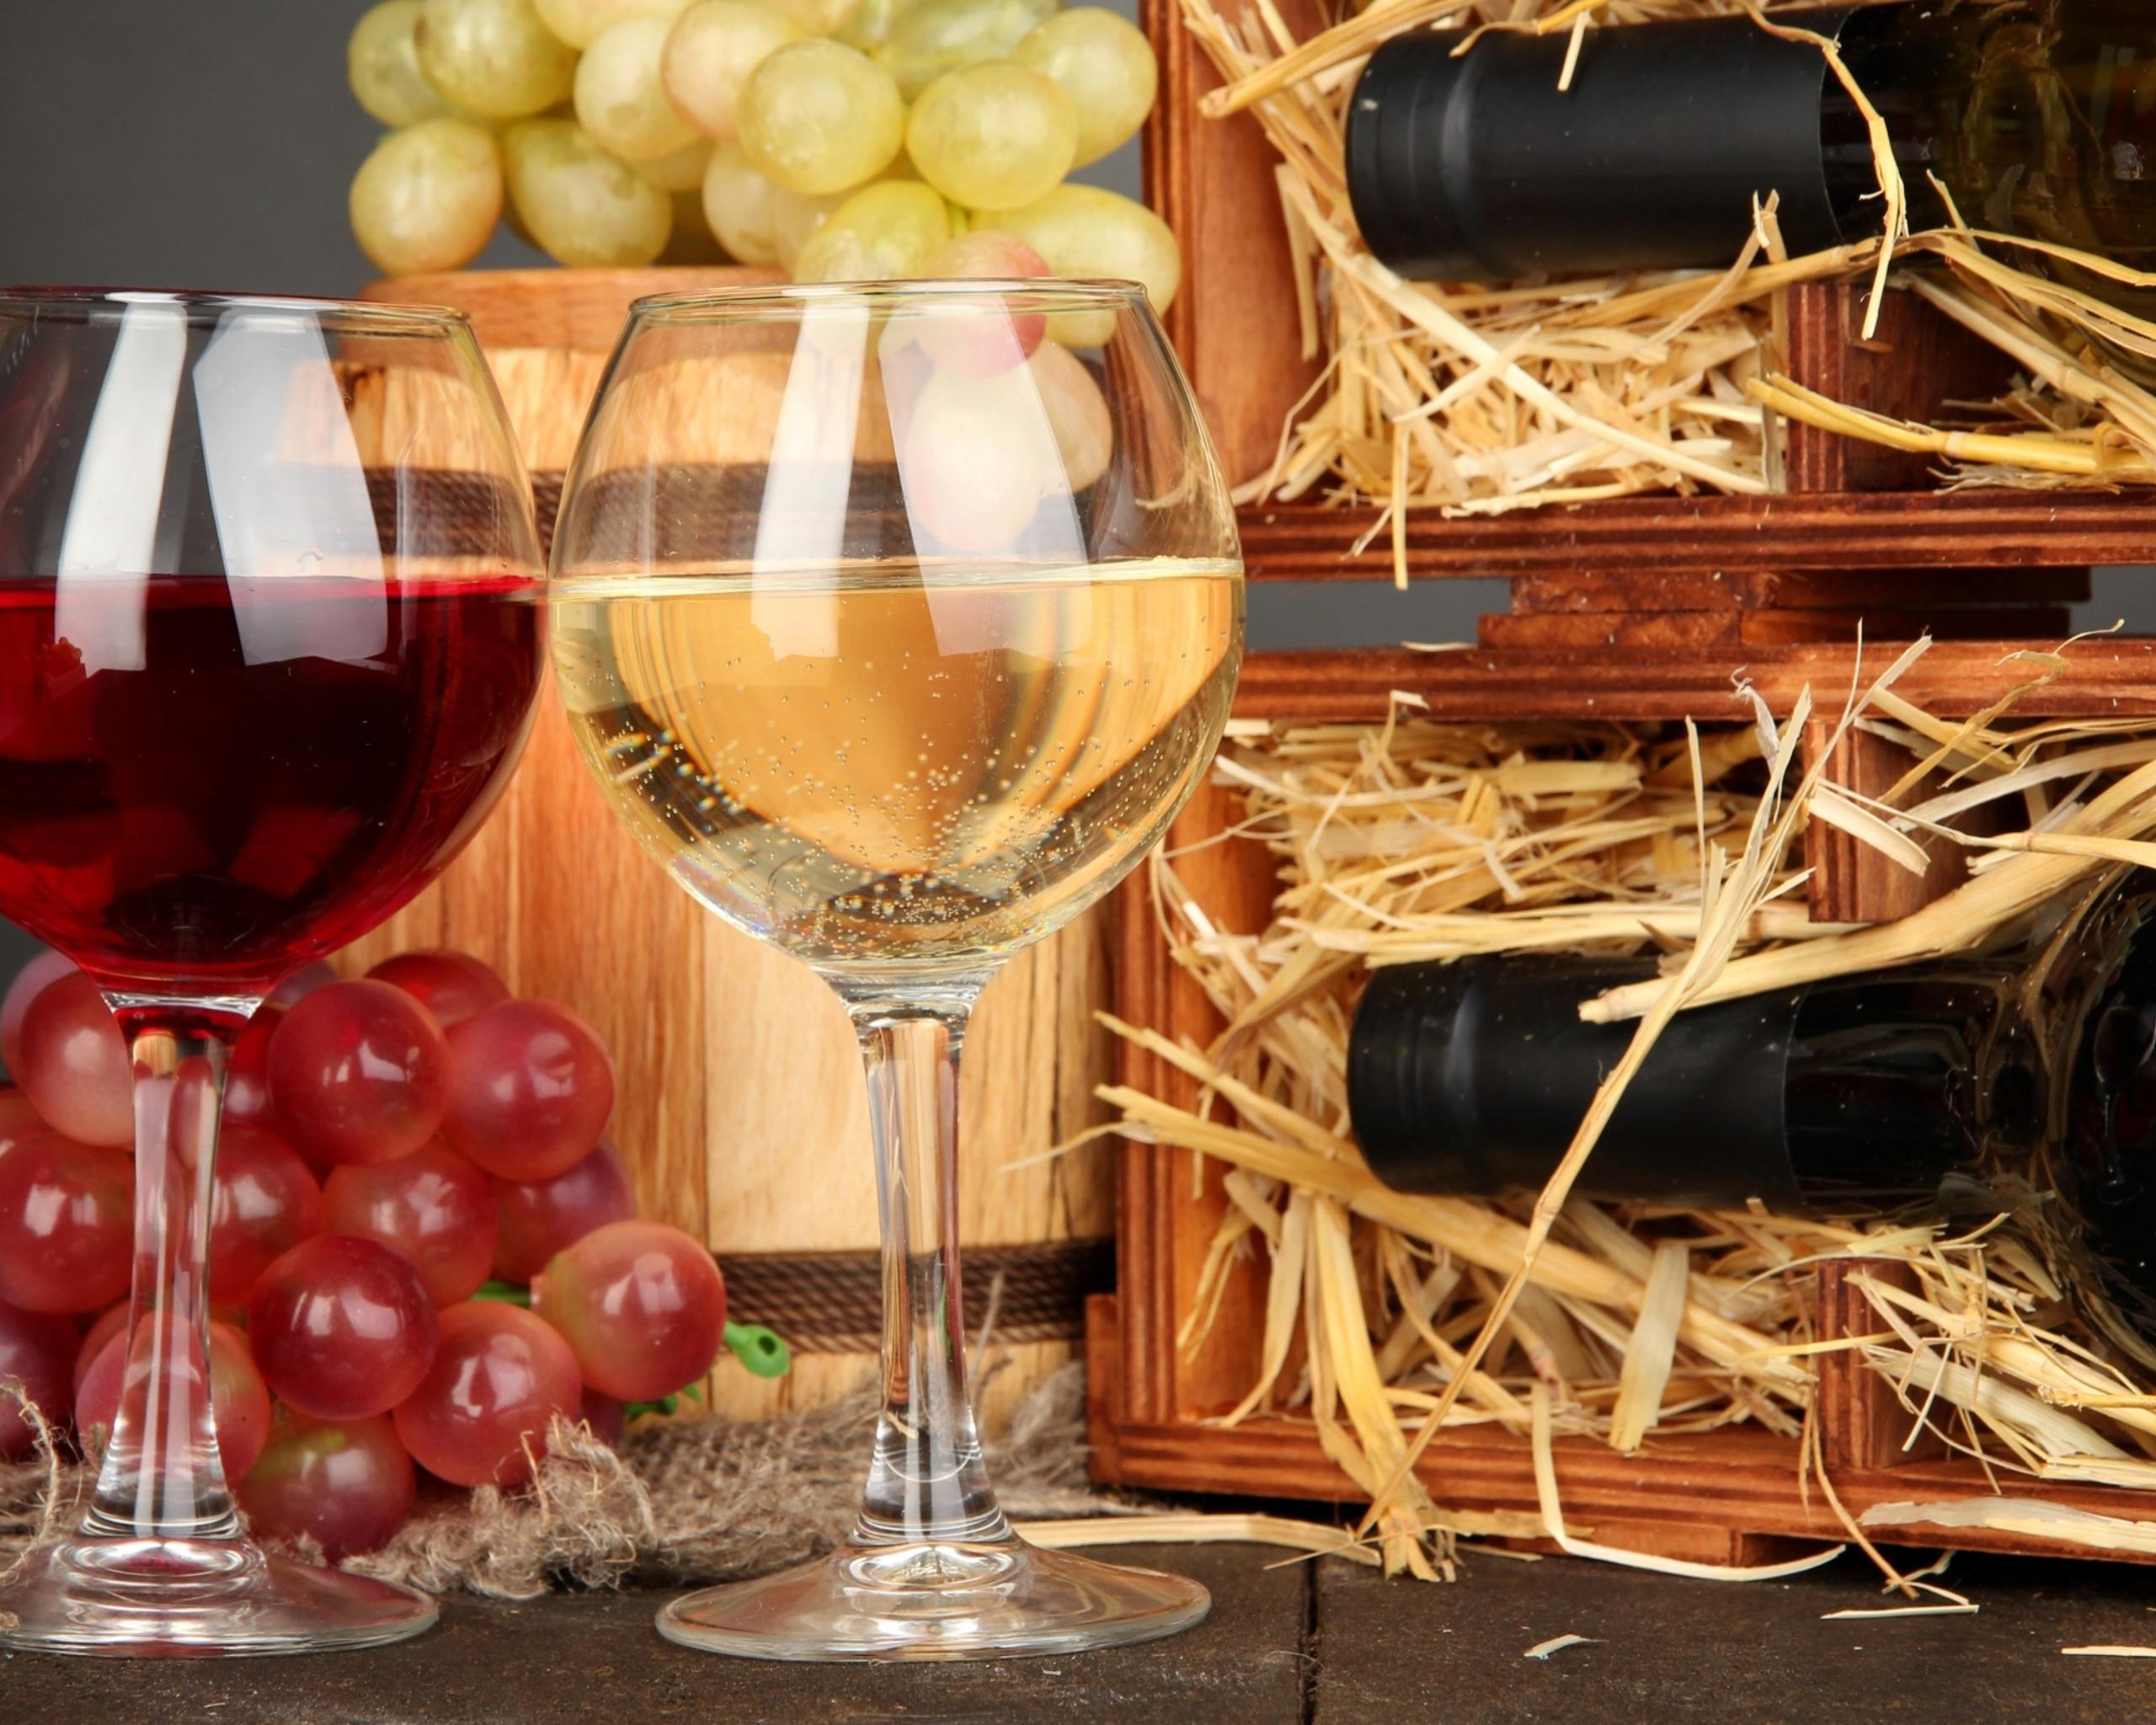 Обои бутылка, стол, бокал, вино, красное. Разное foto 18